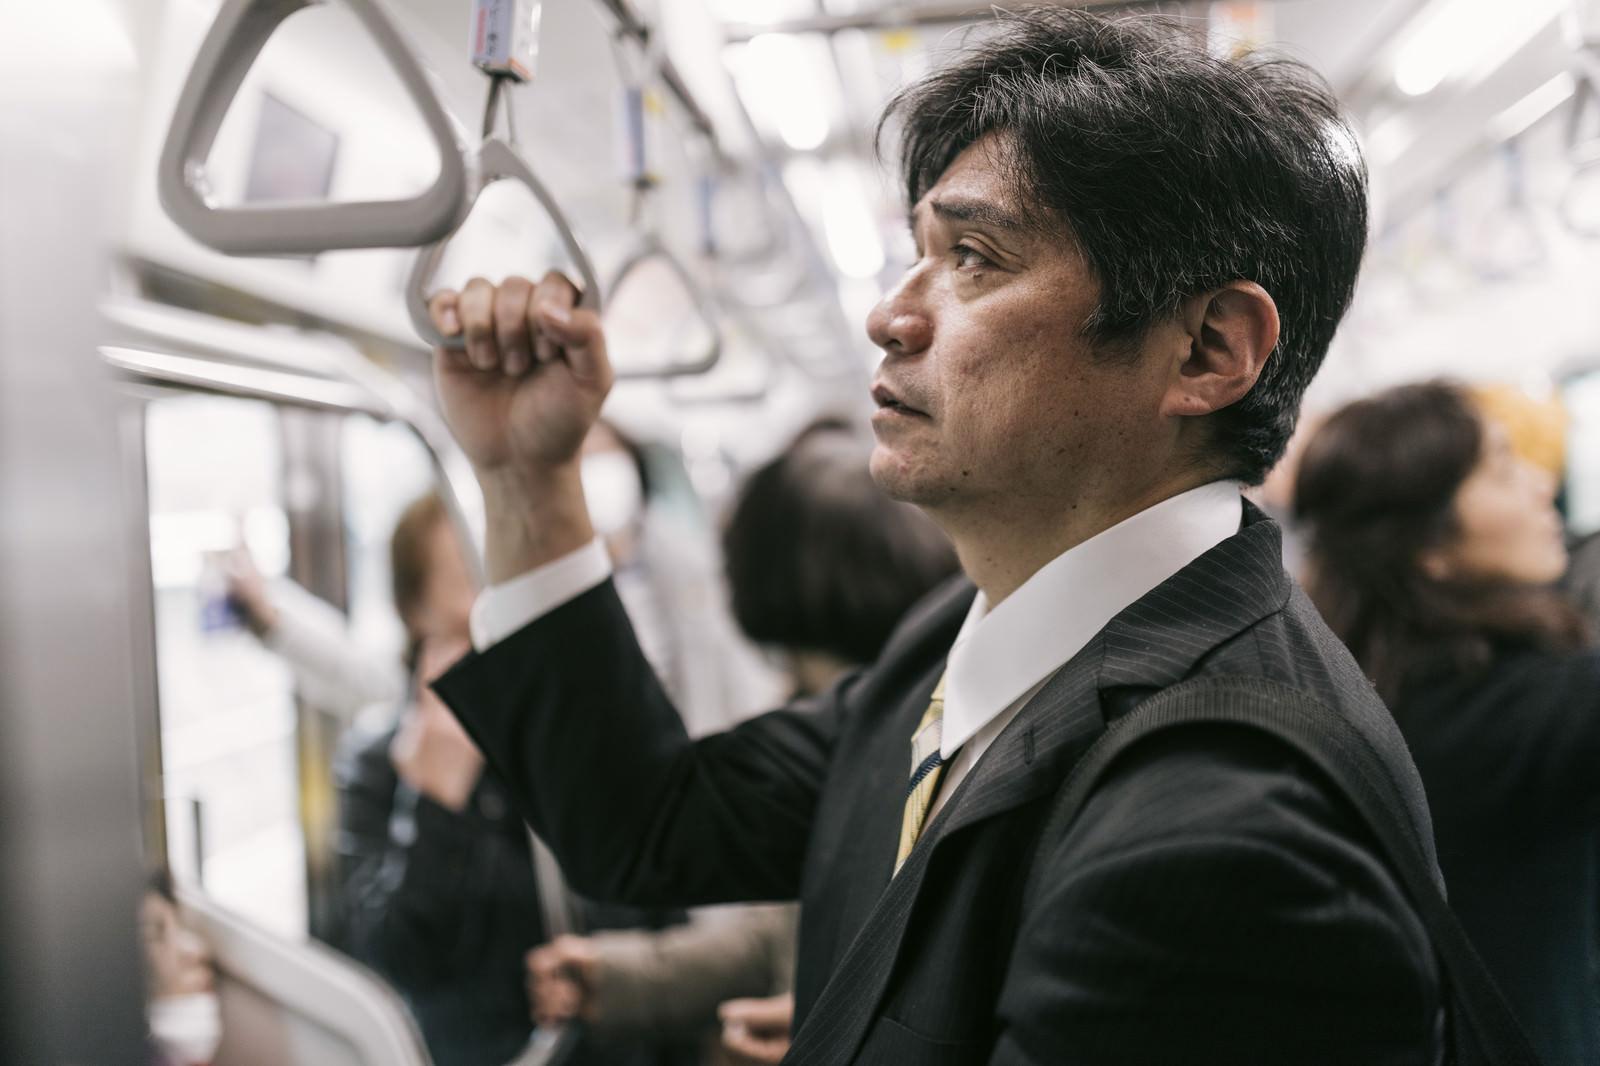 「単身赴任で満員電車に揺られて通勤するお父さん単身赴任で満員電車に揺られて通勤するお父さん」[モデル:よたか]のフリー写真素材を拡大